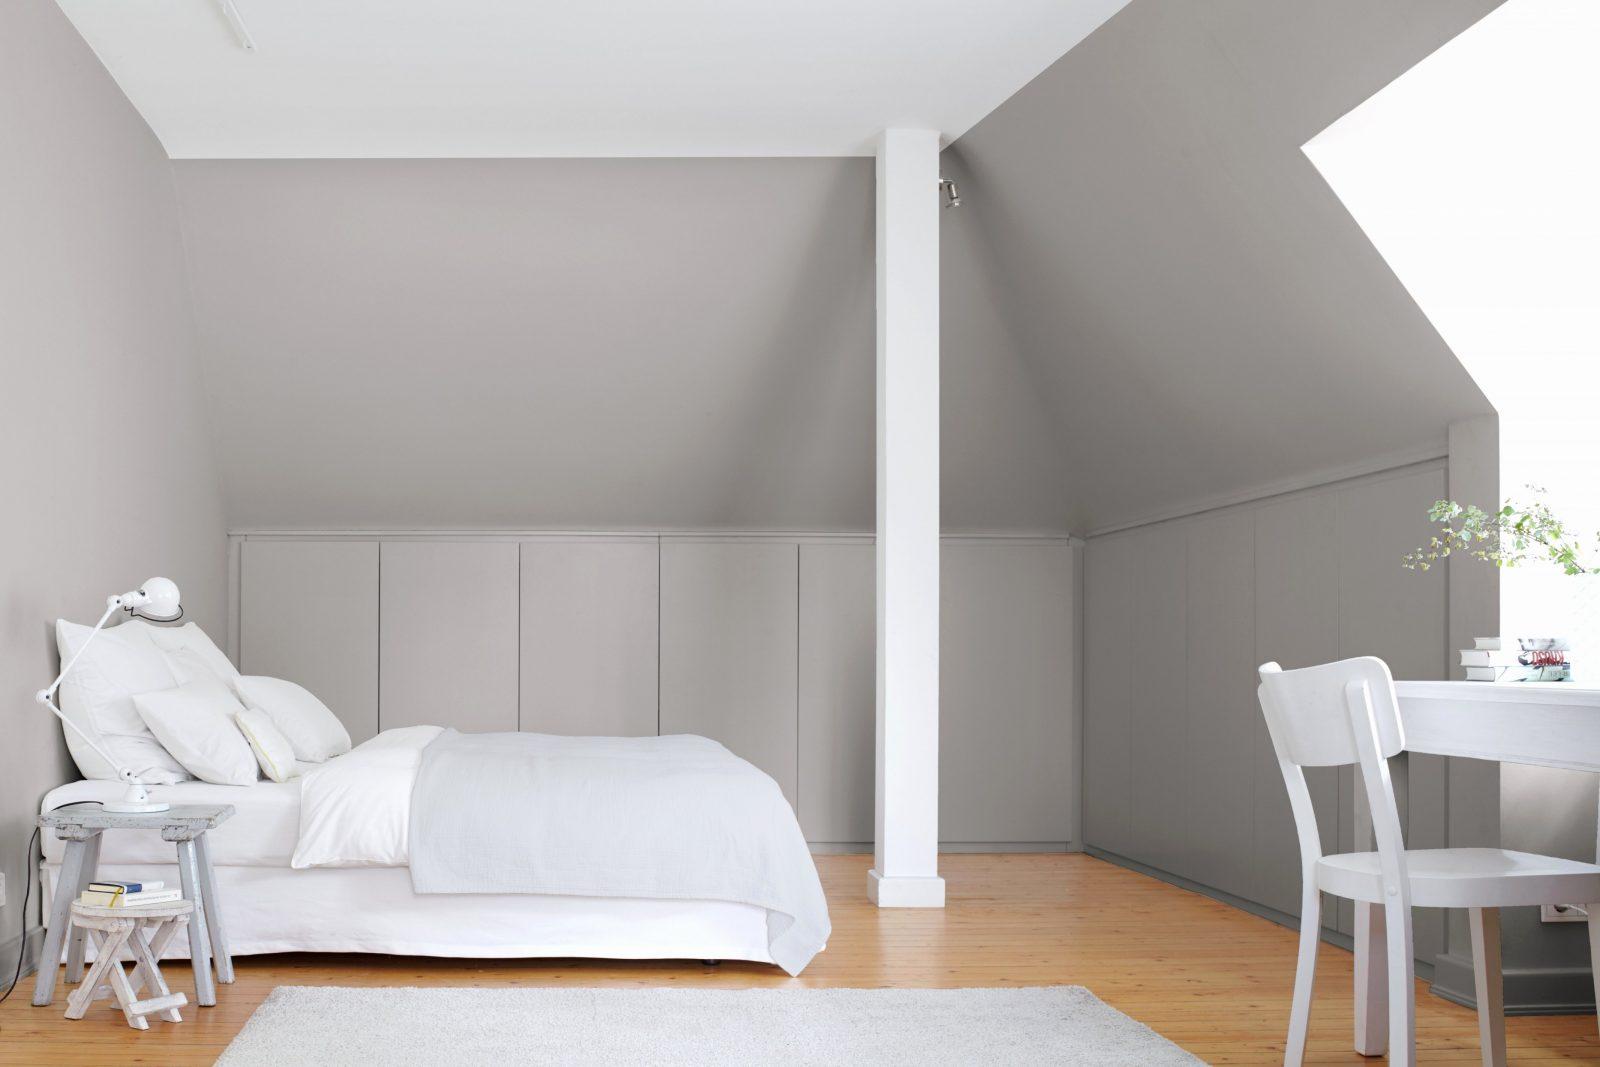 20 Einzigartig Tapeten Schlafzimmer Ideen Sammlung – Wwwspyderoutlet von Tapeten Design Ideen Schlafzimmer Bild